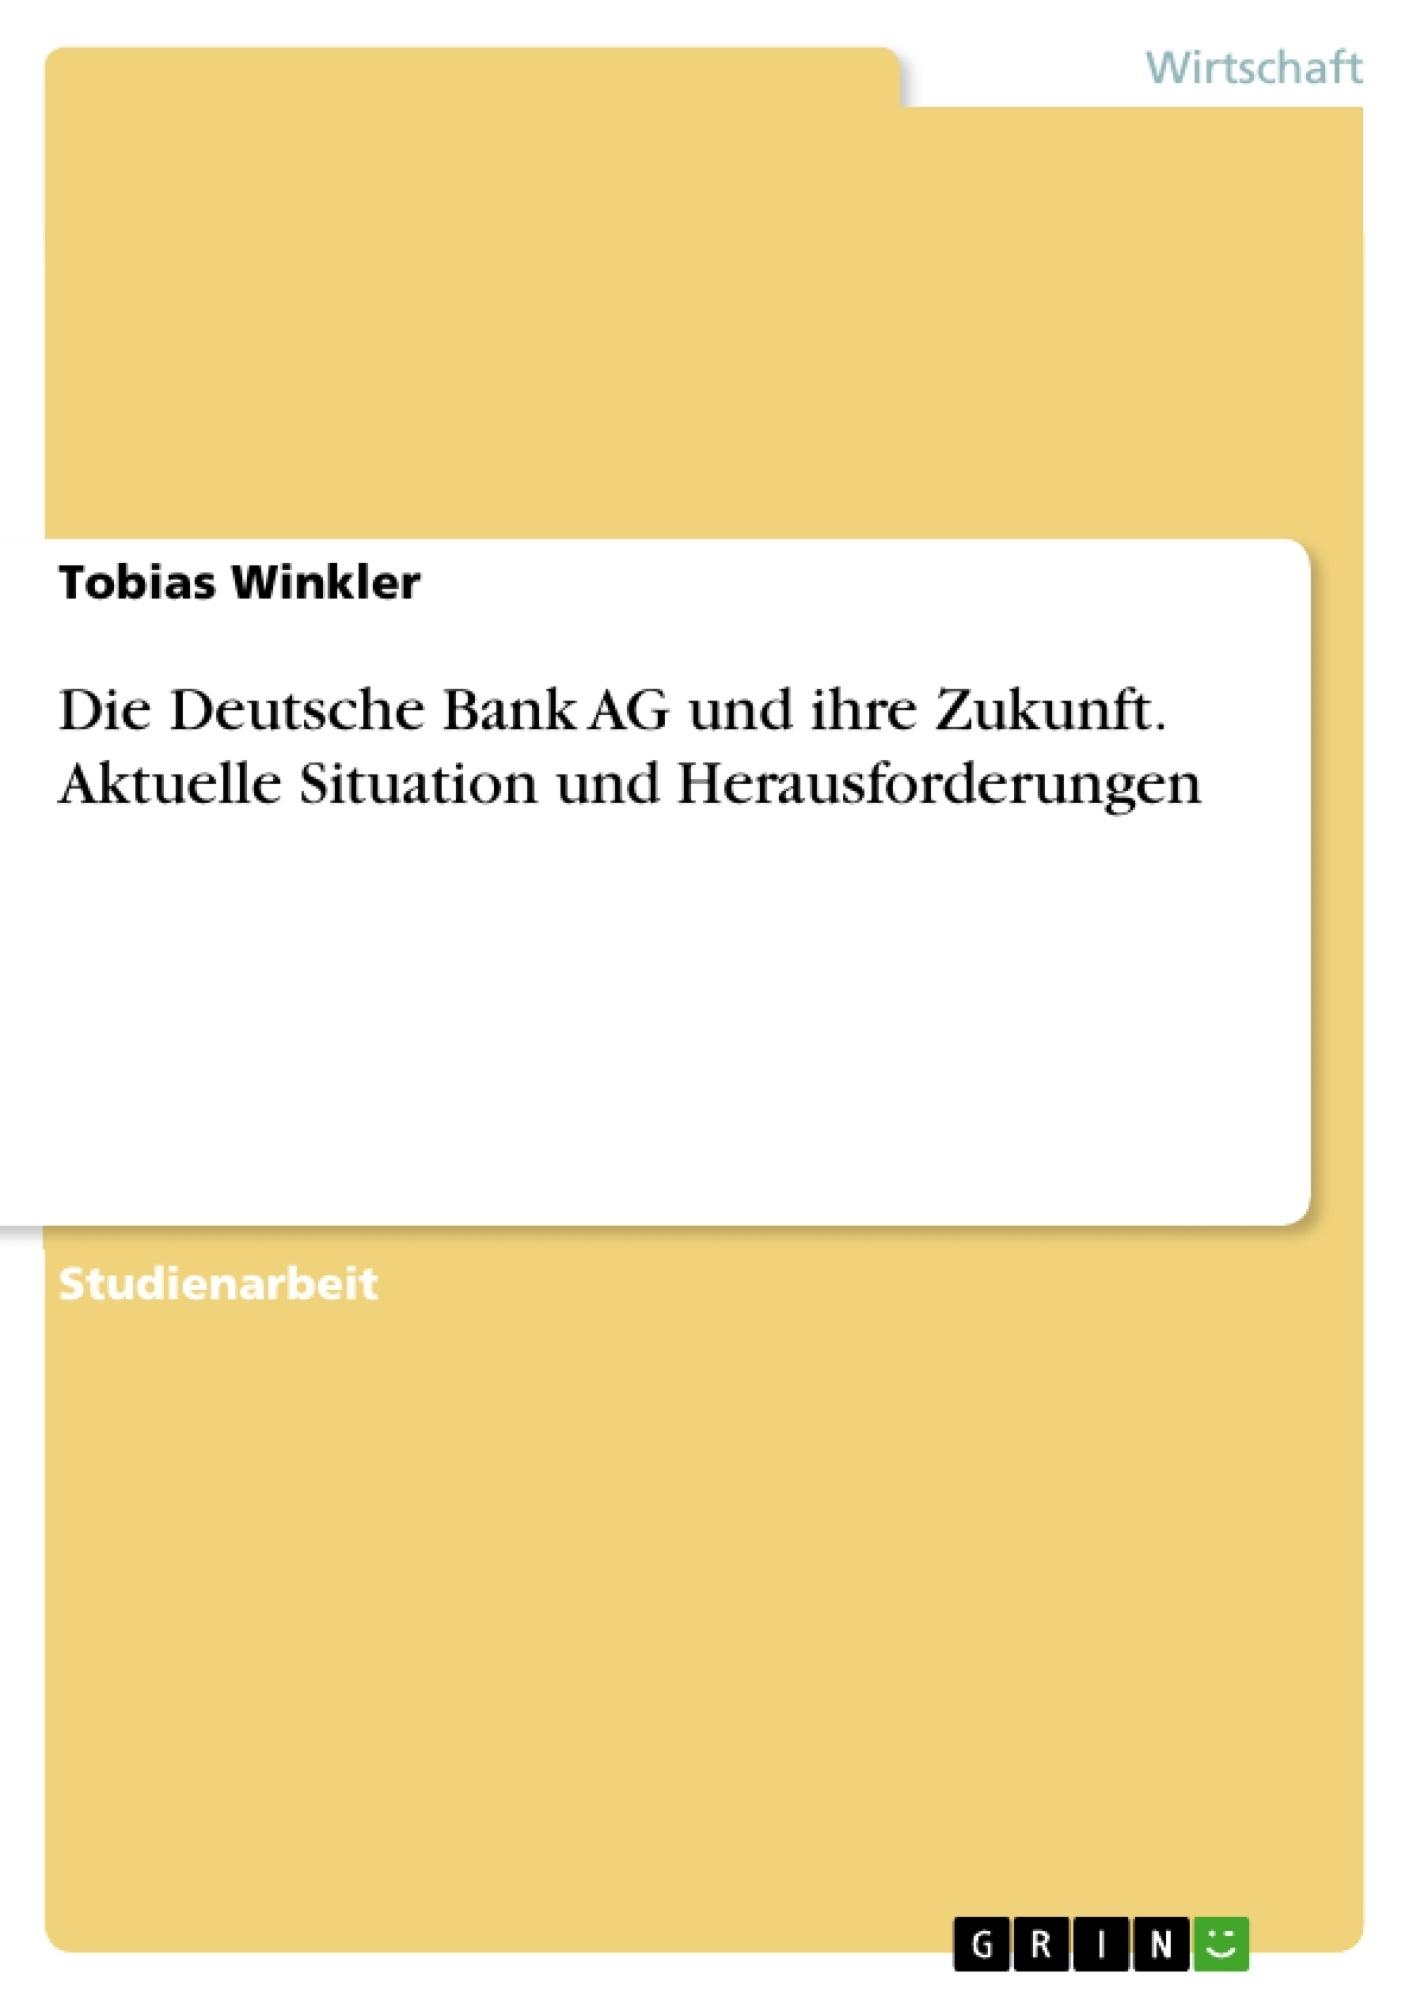 Titel: Die Deutsche Bank AG  und ihre Zukunft. Aktuelle Situation und Herausforderungen